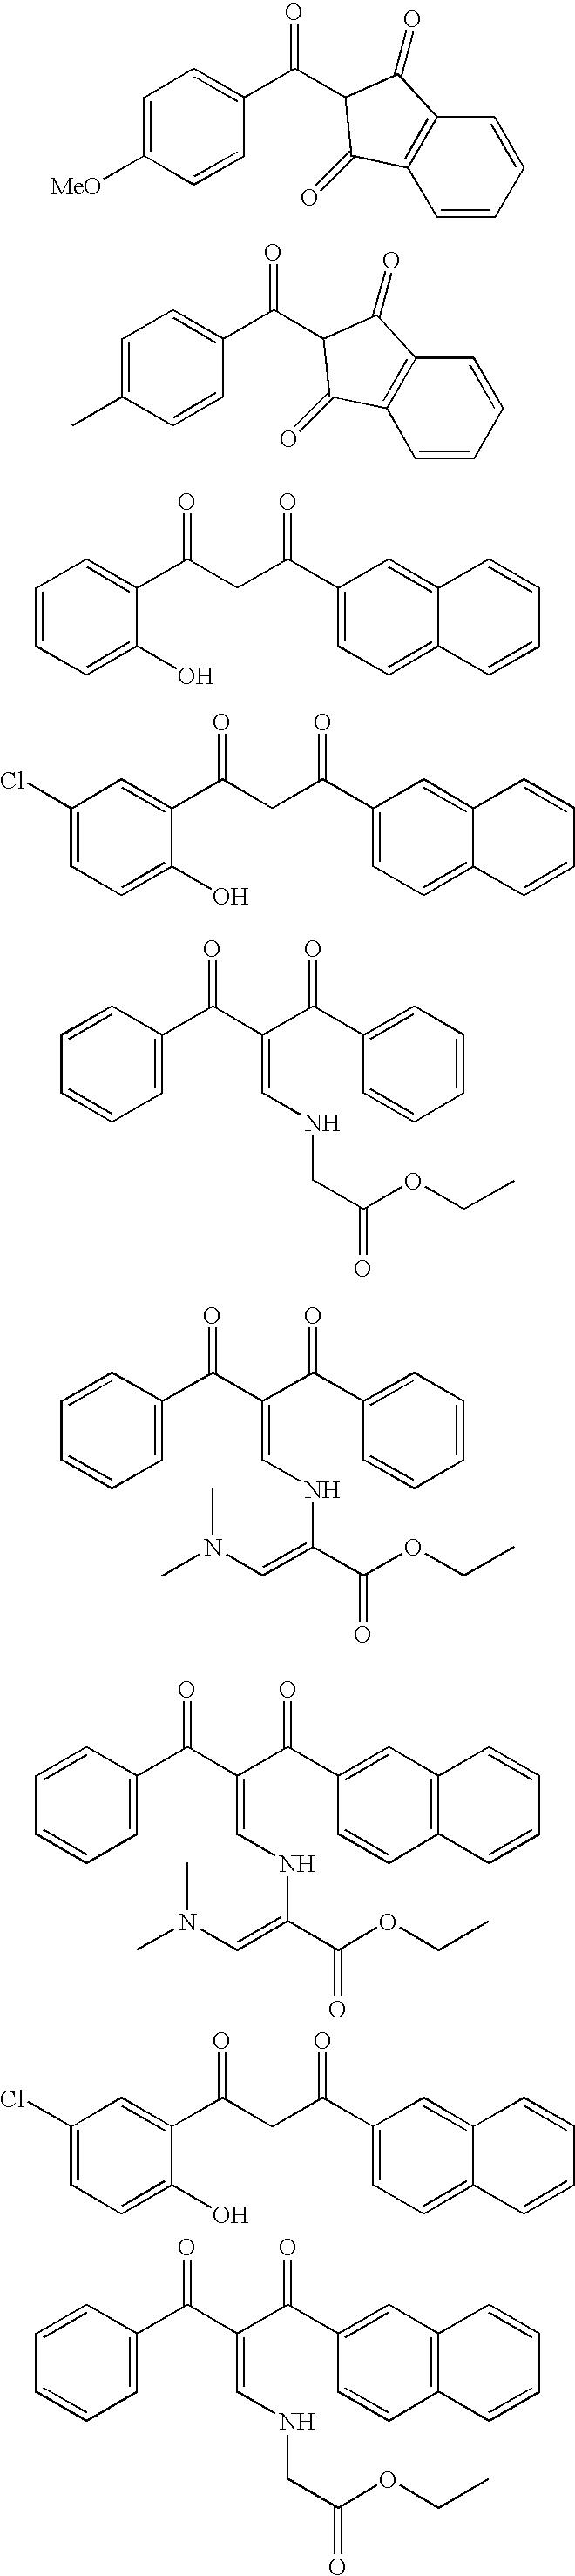 Figure US07955861-20110607-C00011